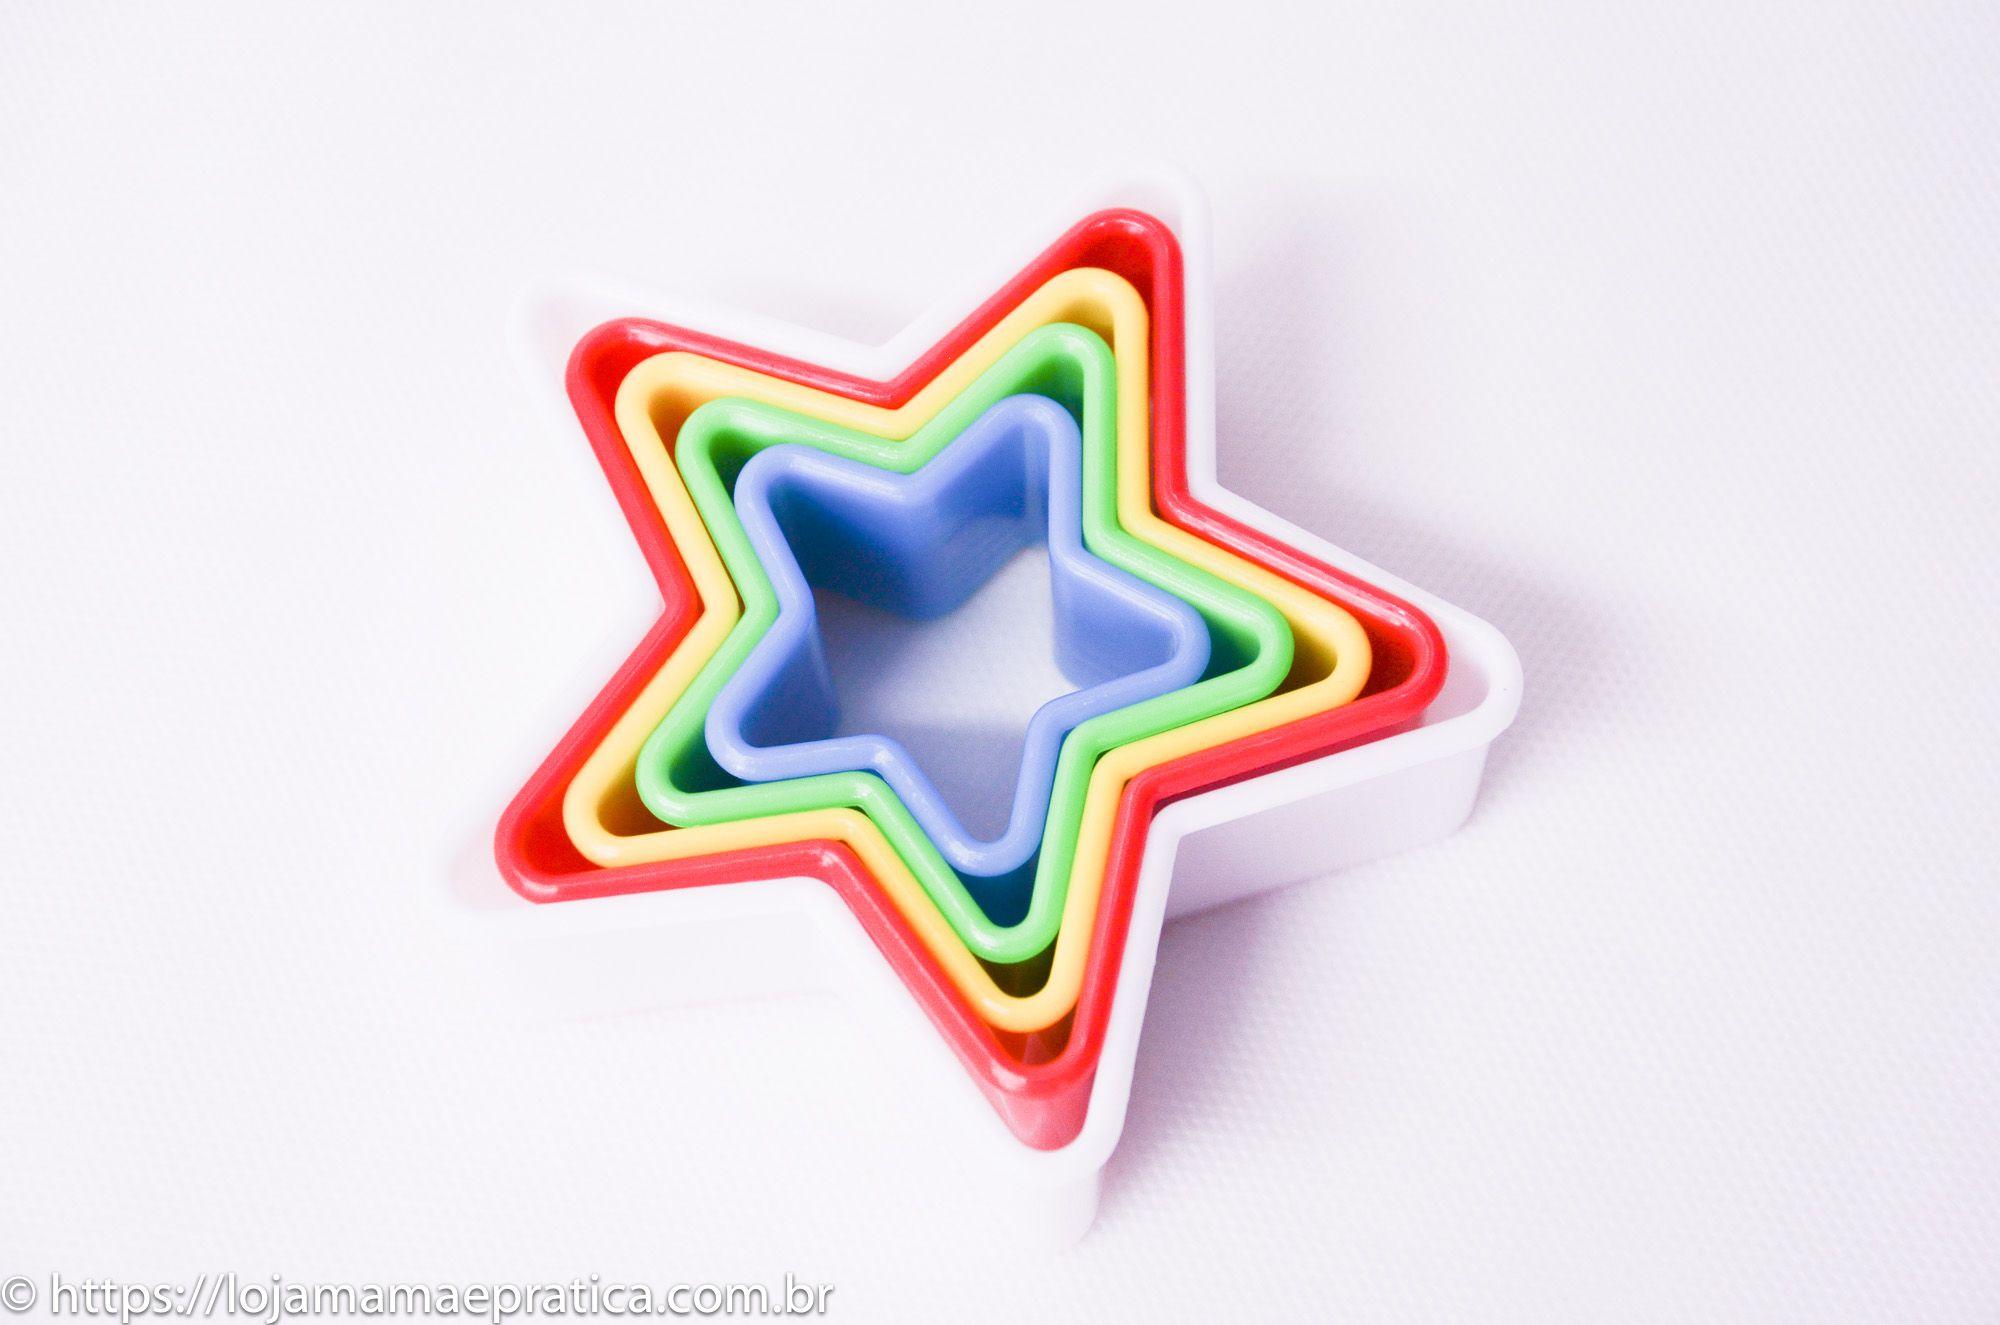 Jogo de cortadores em formato de estrela - 5 peças